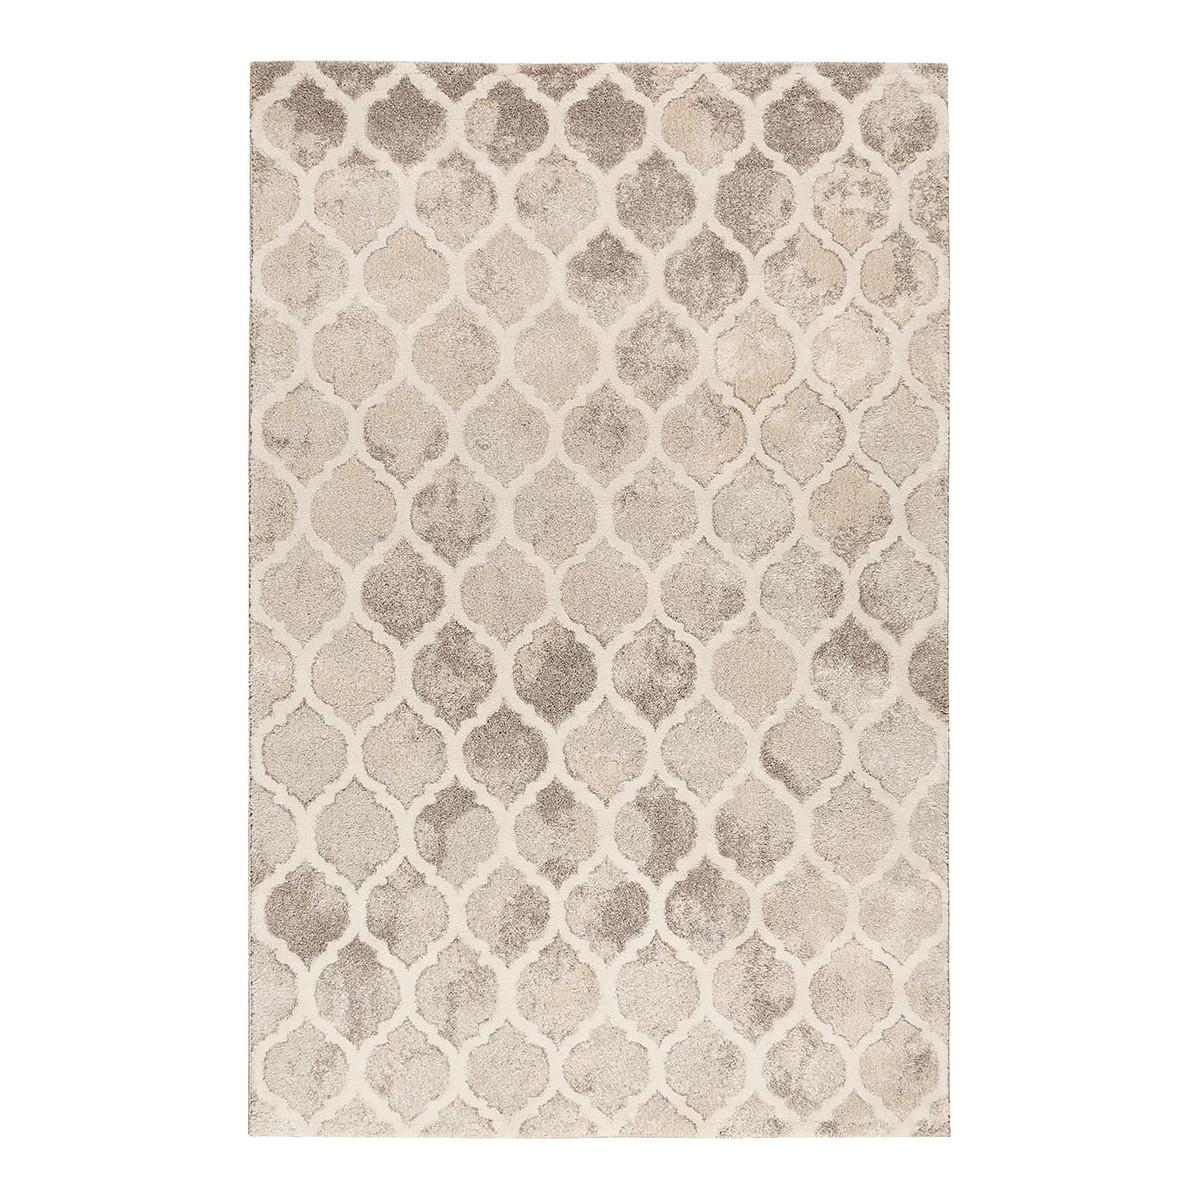 Tapis géométrique design en polypropylène gris 133x200